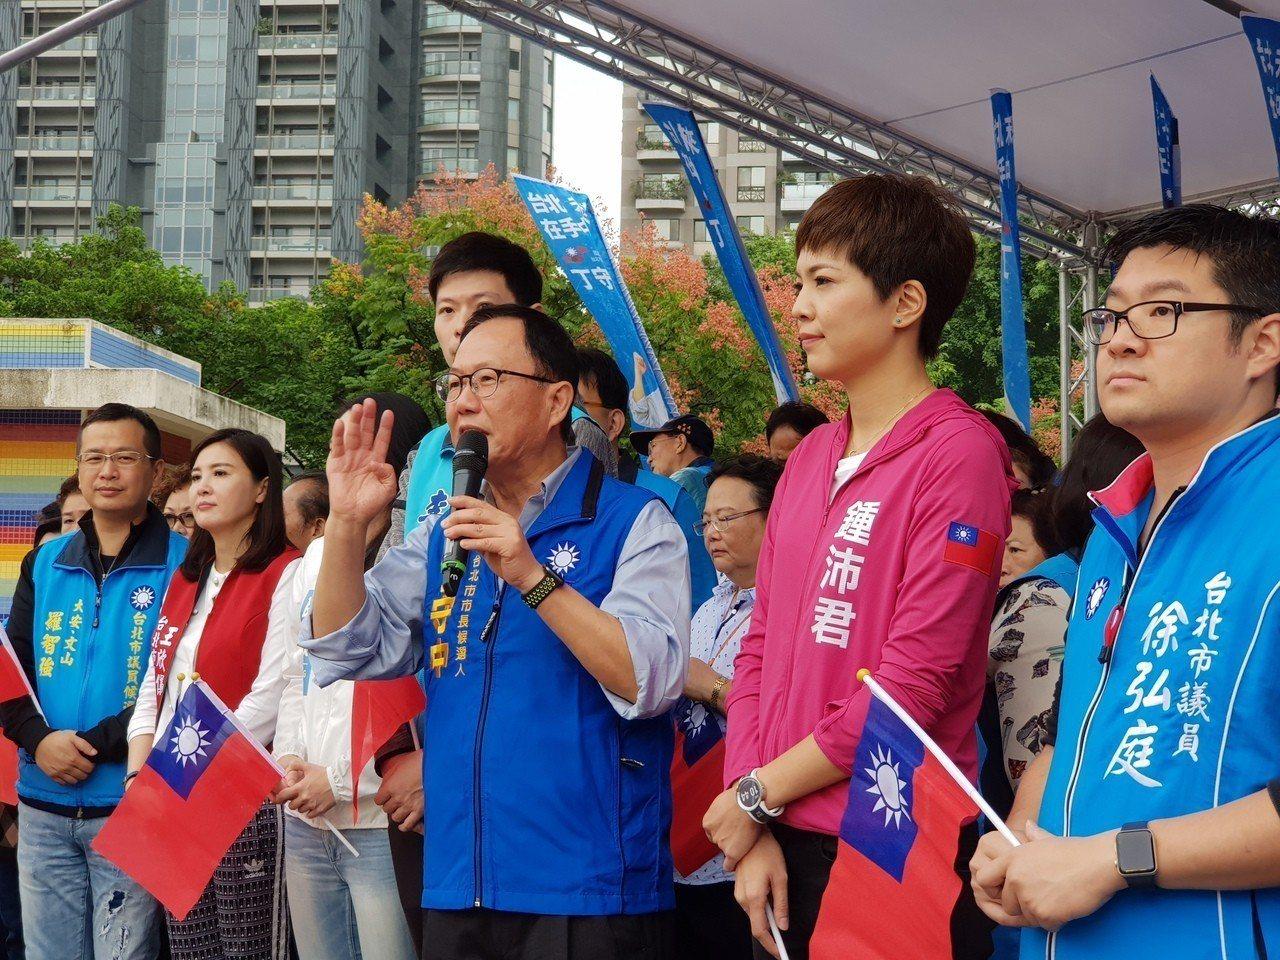 國民黨台北市長參選人丁守中上午舉辦大安區後援會成立大會。記者楊正海/攝影